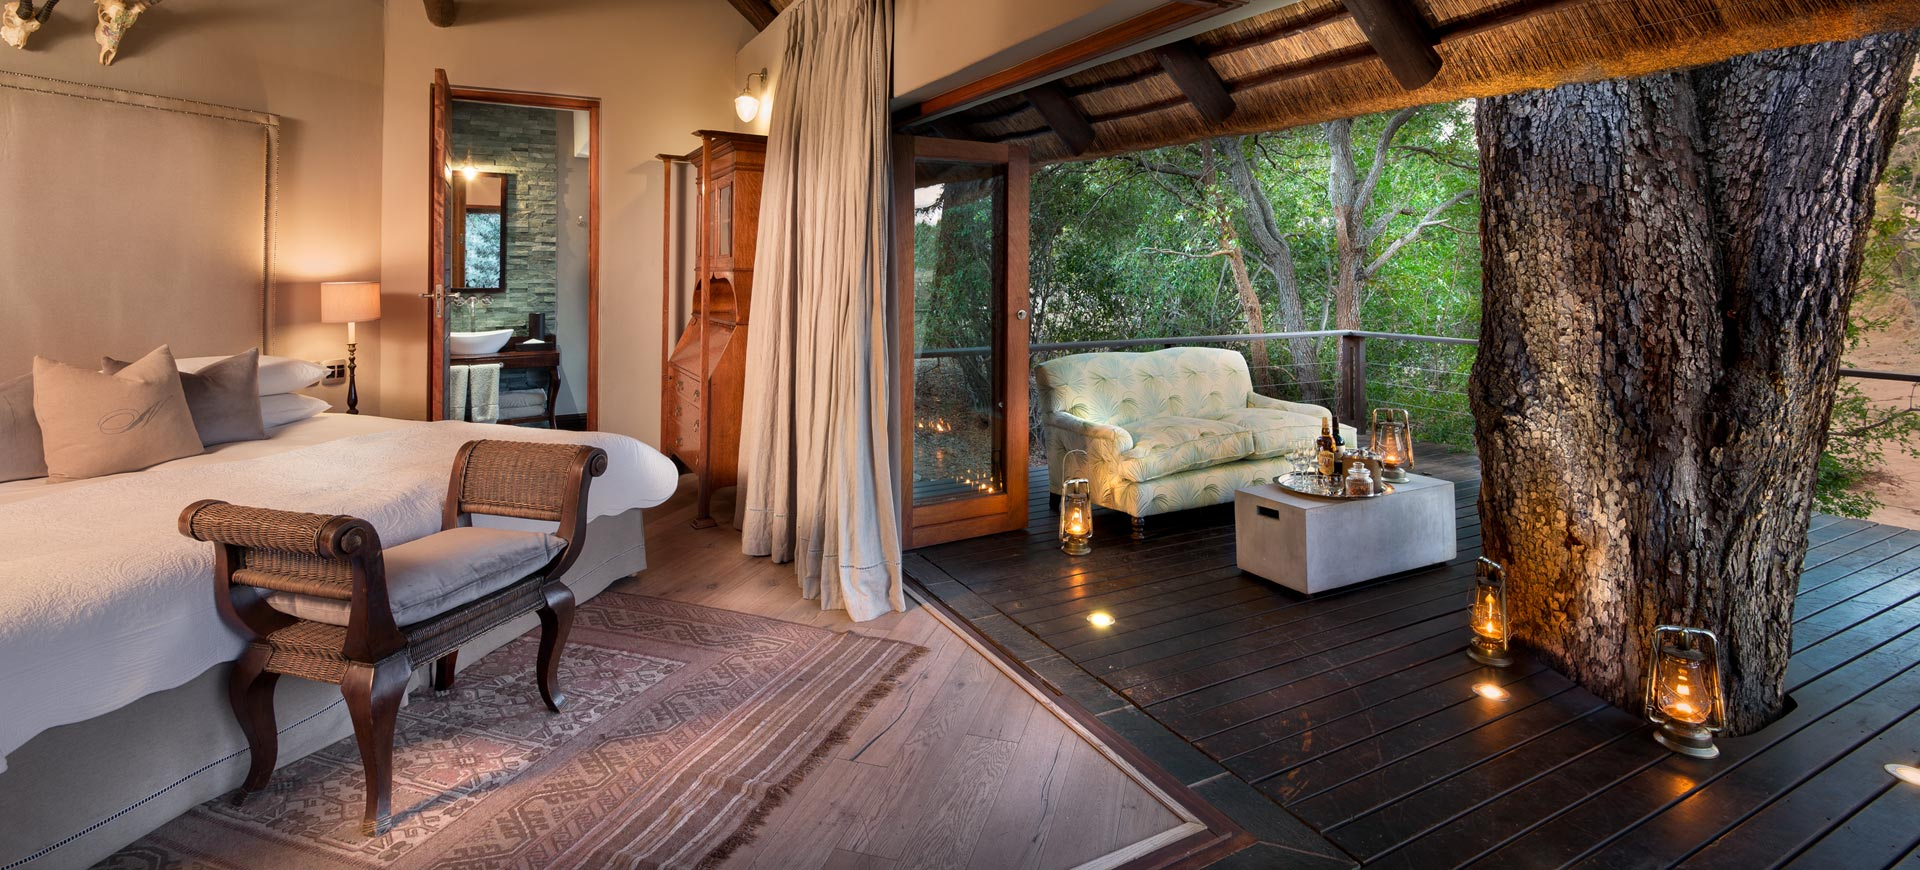 Ngala Kruger National Park